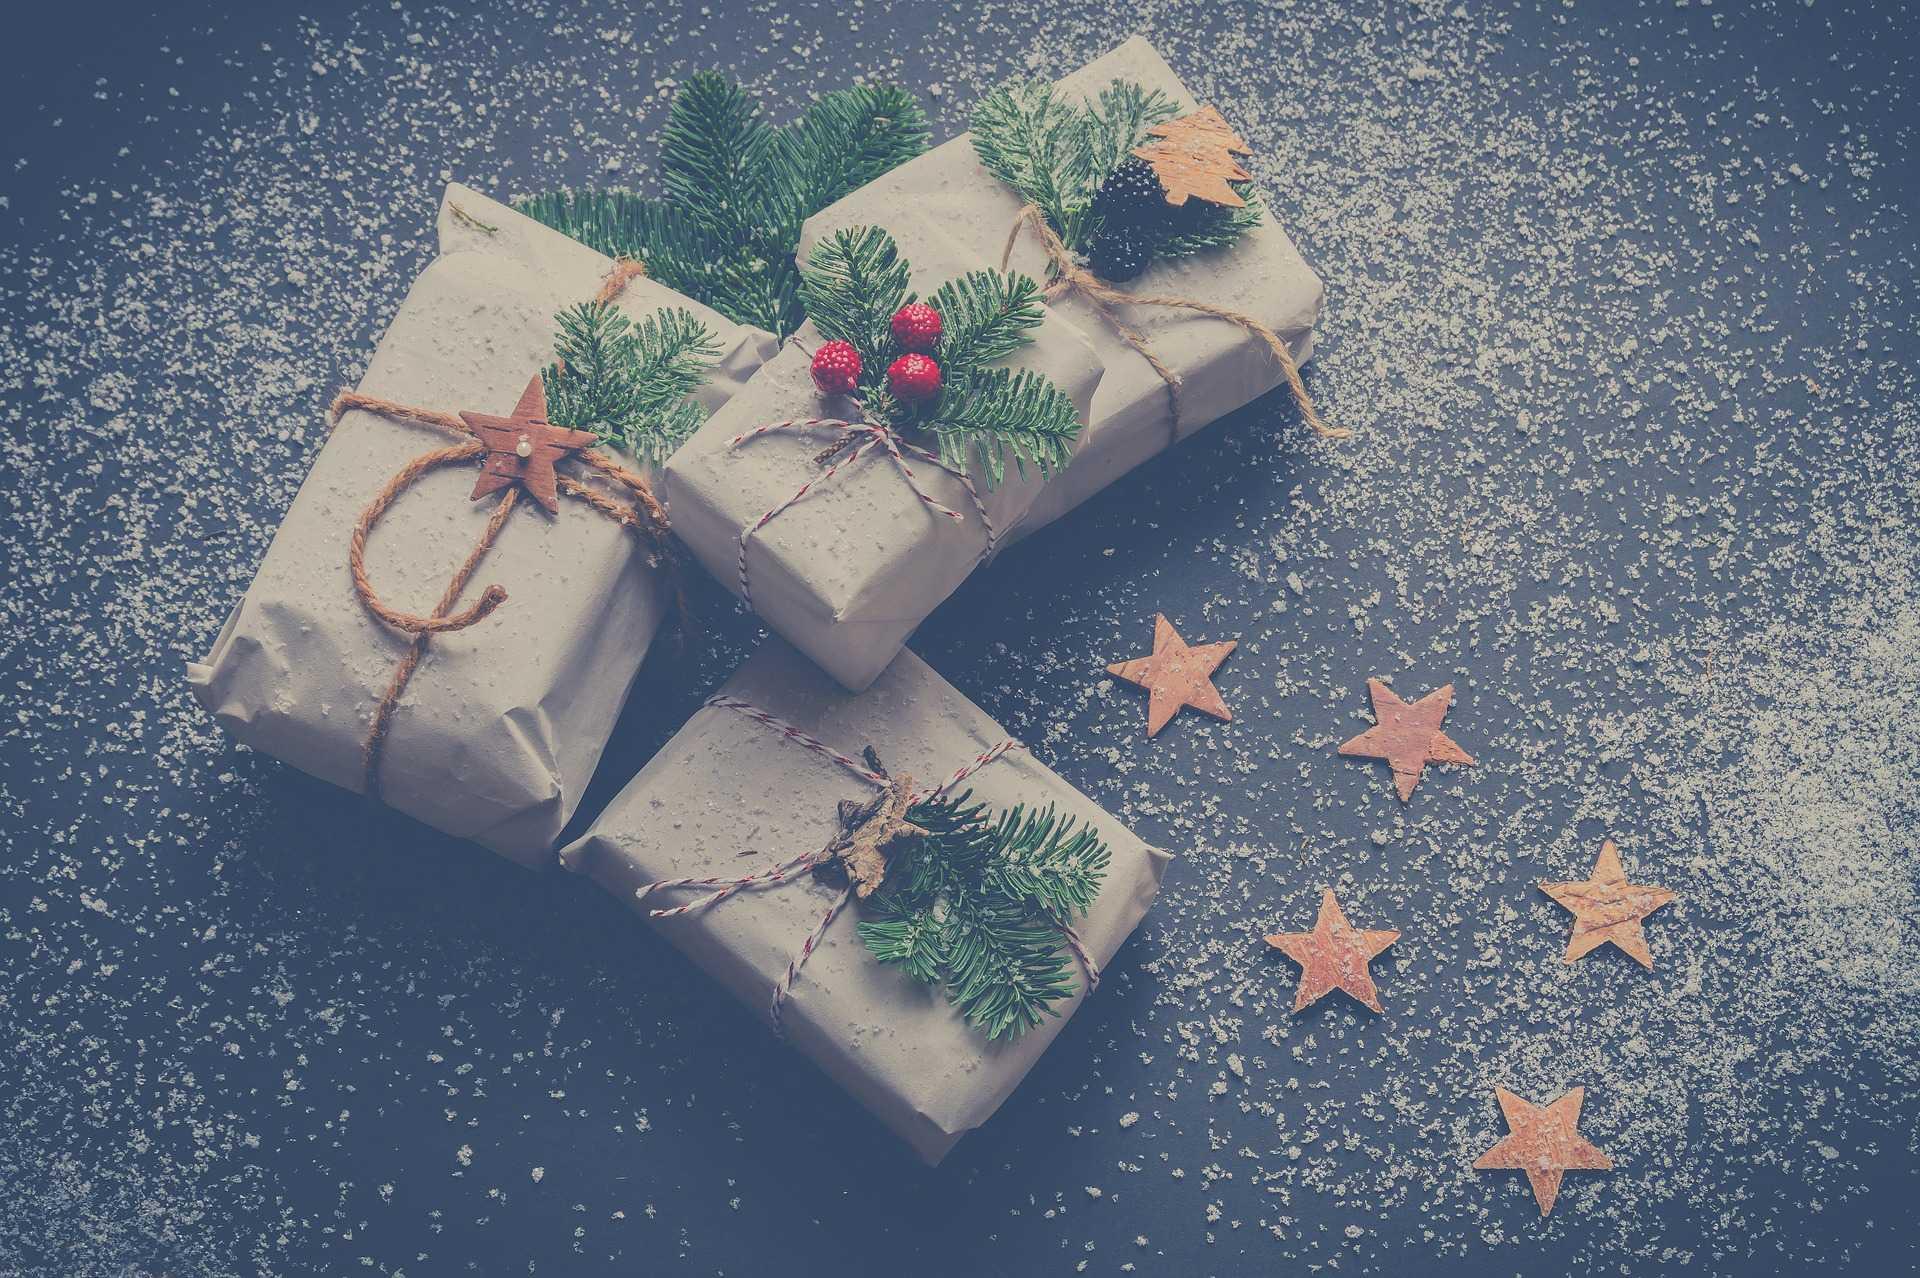 Забирайте ваши новогодние подарки: вебинары как выглядеть выше и осенне-зимние тренды!